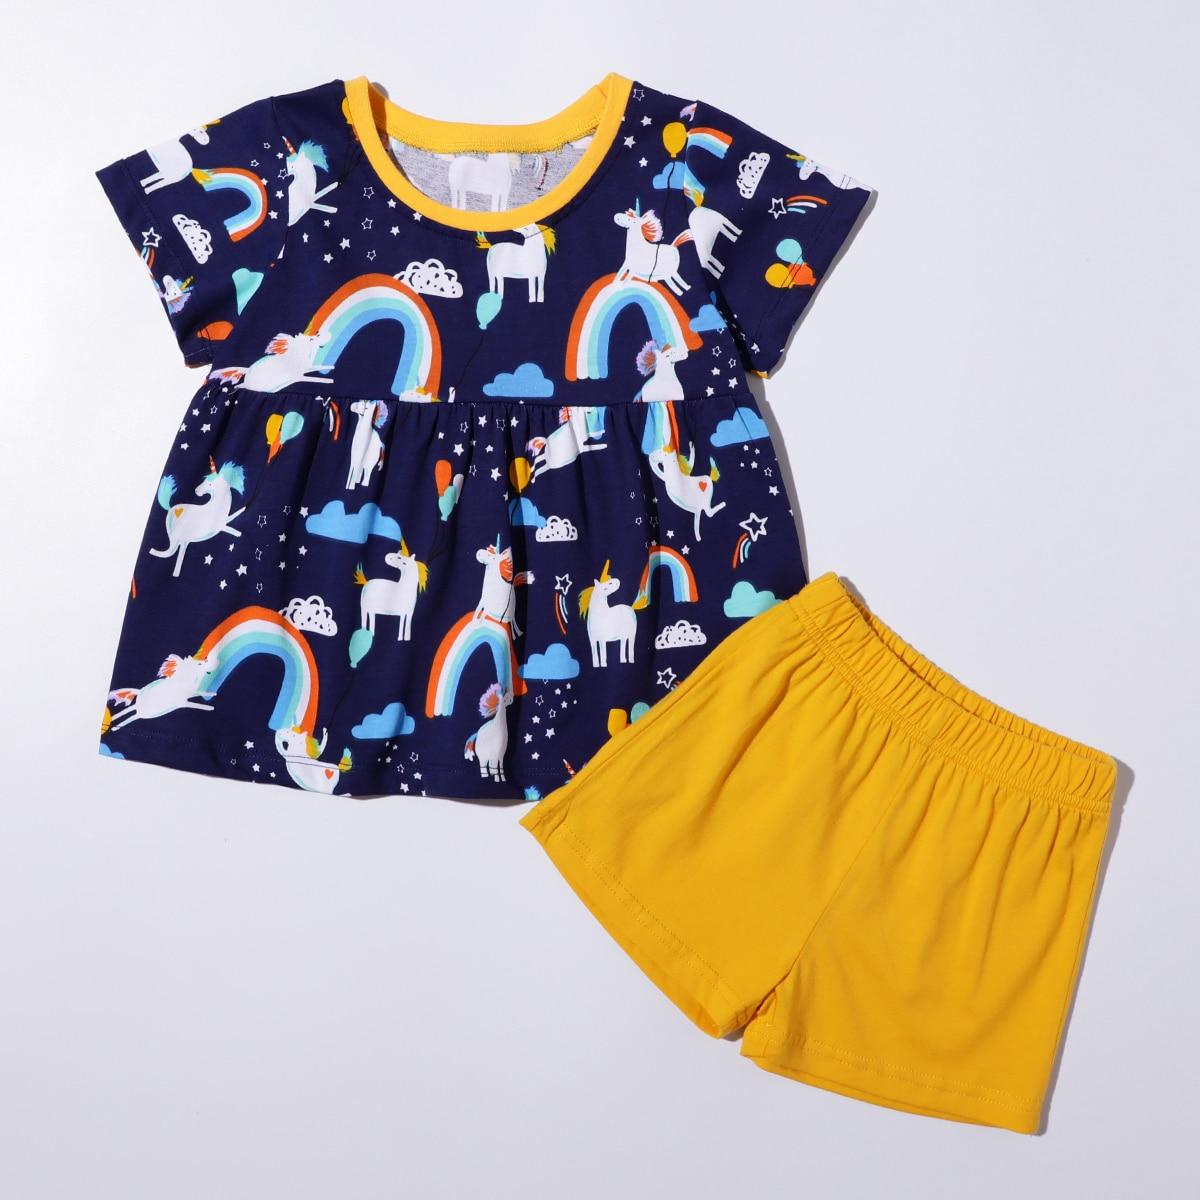 Многоцветный Низ-оборка Мультяшный принт милый Домашняя одежда для девочек фото